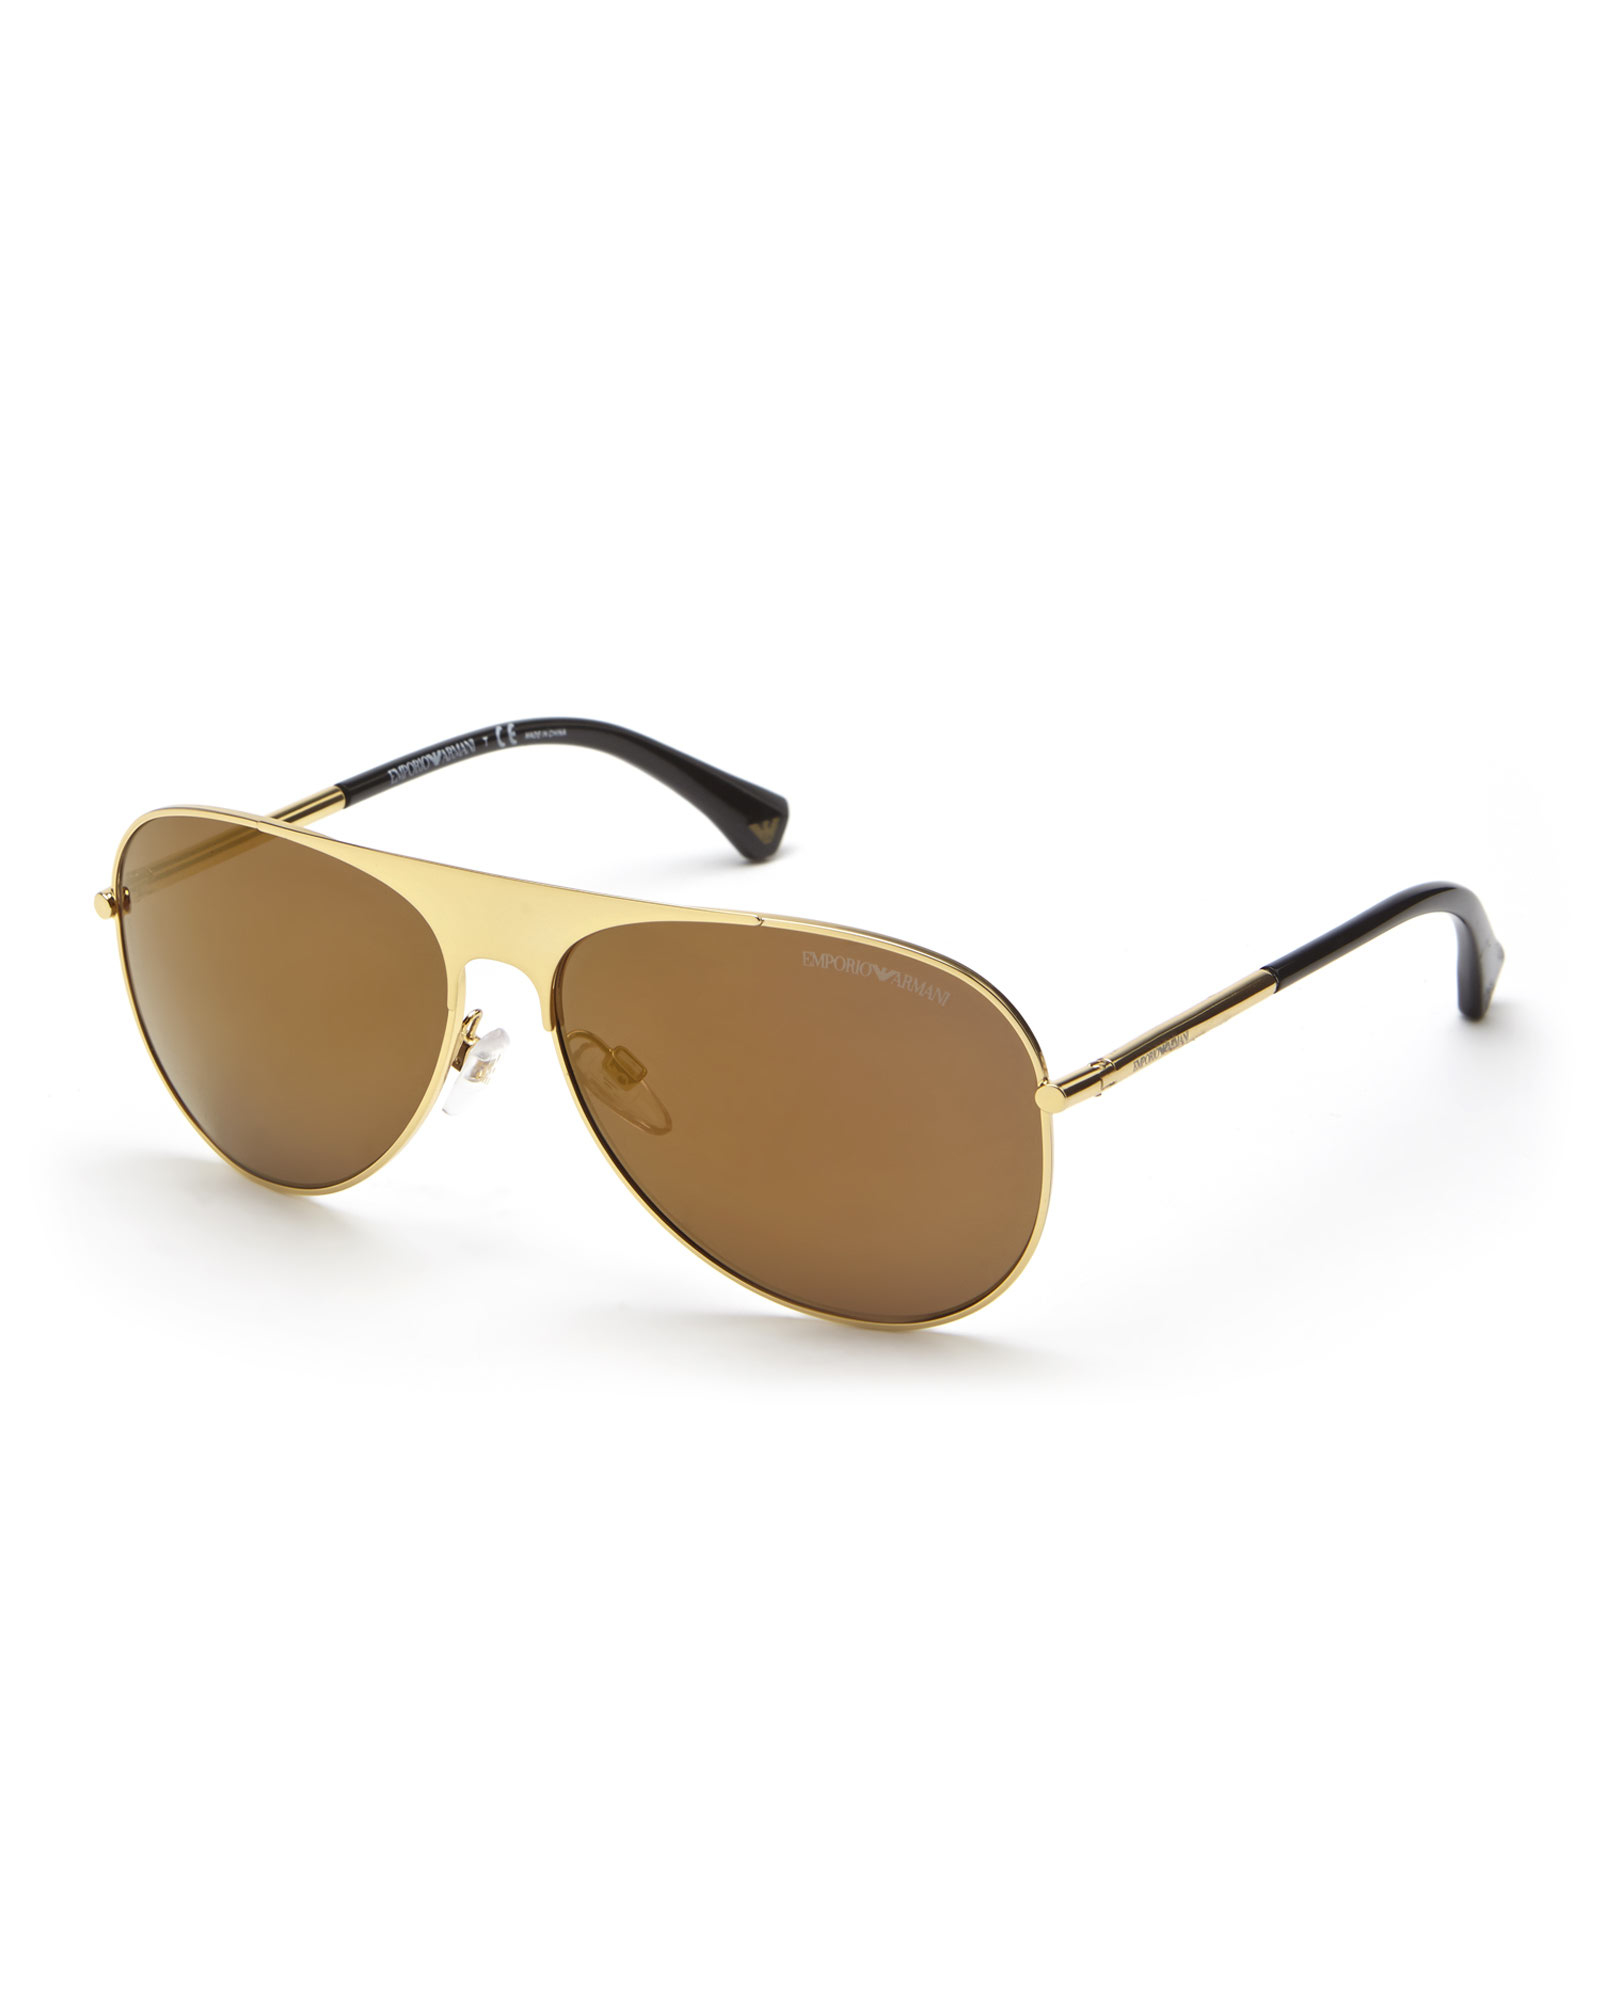 9b06bf3b57c74 Emporio Armani Gold-Tone Ea2003 Aviator Sunglasses in Natural for ...